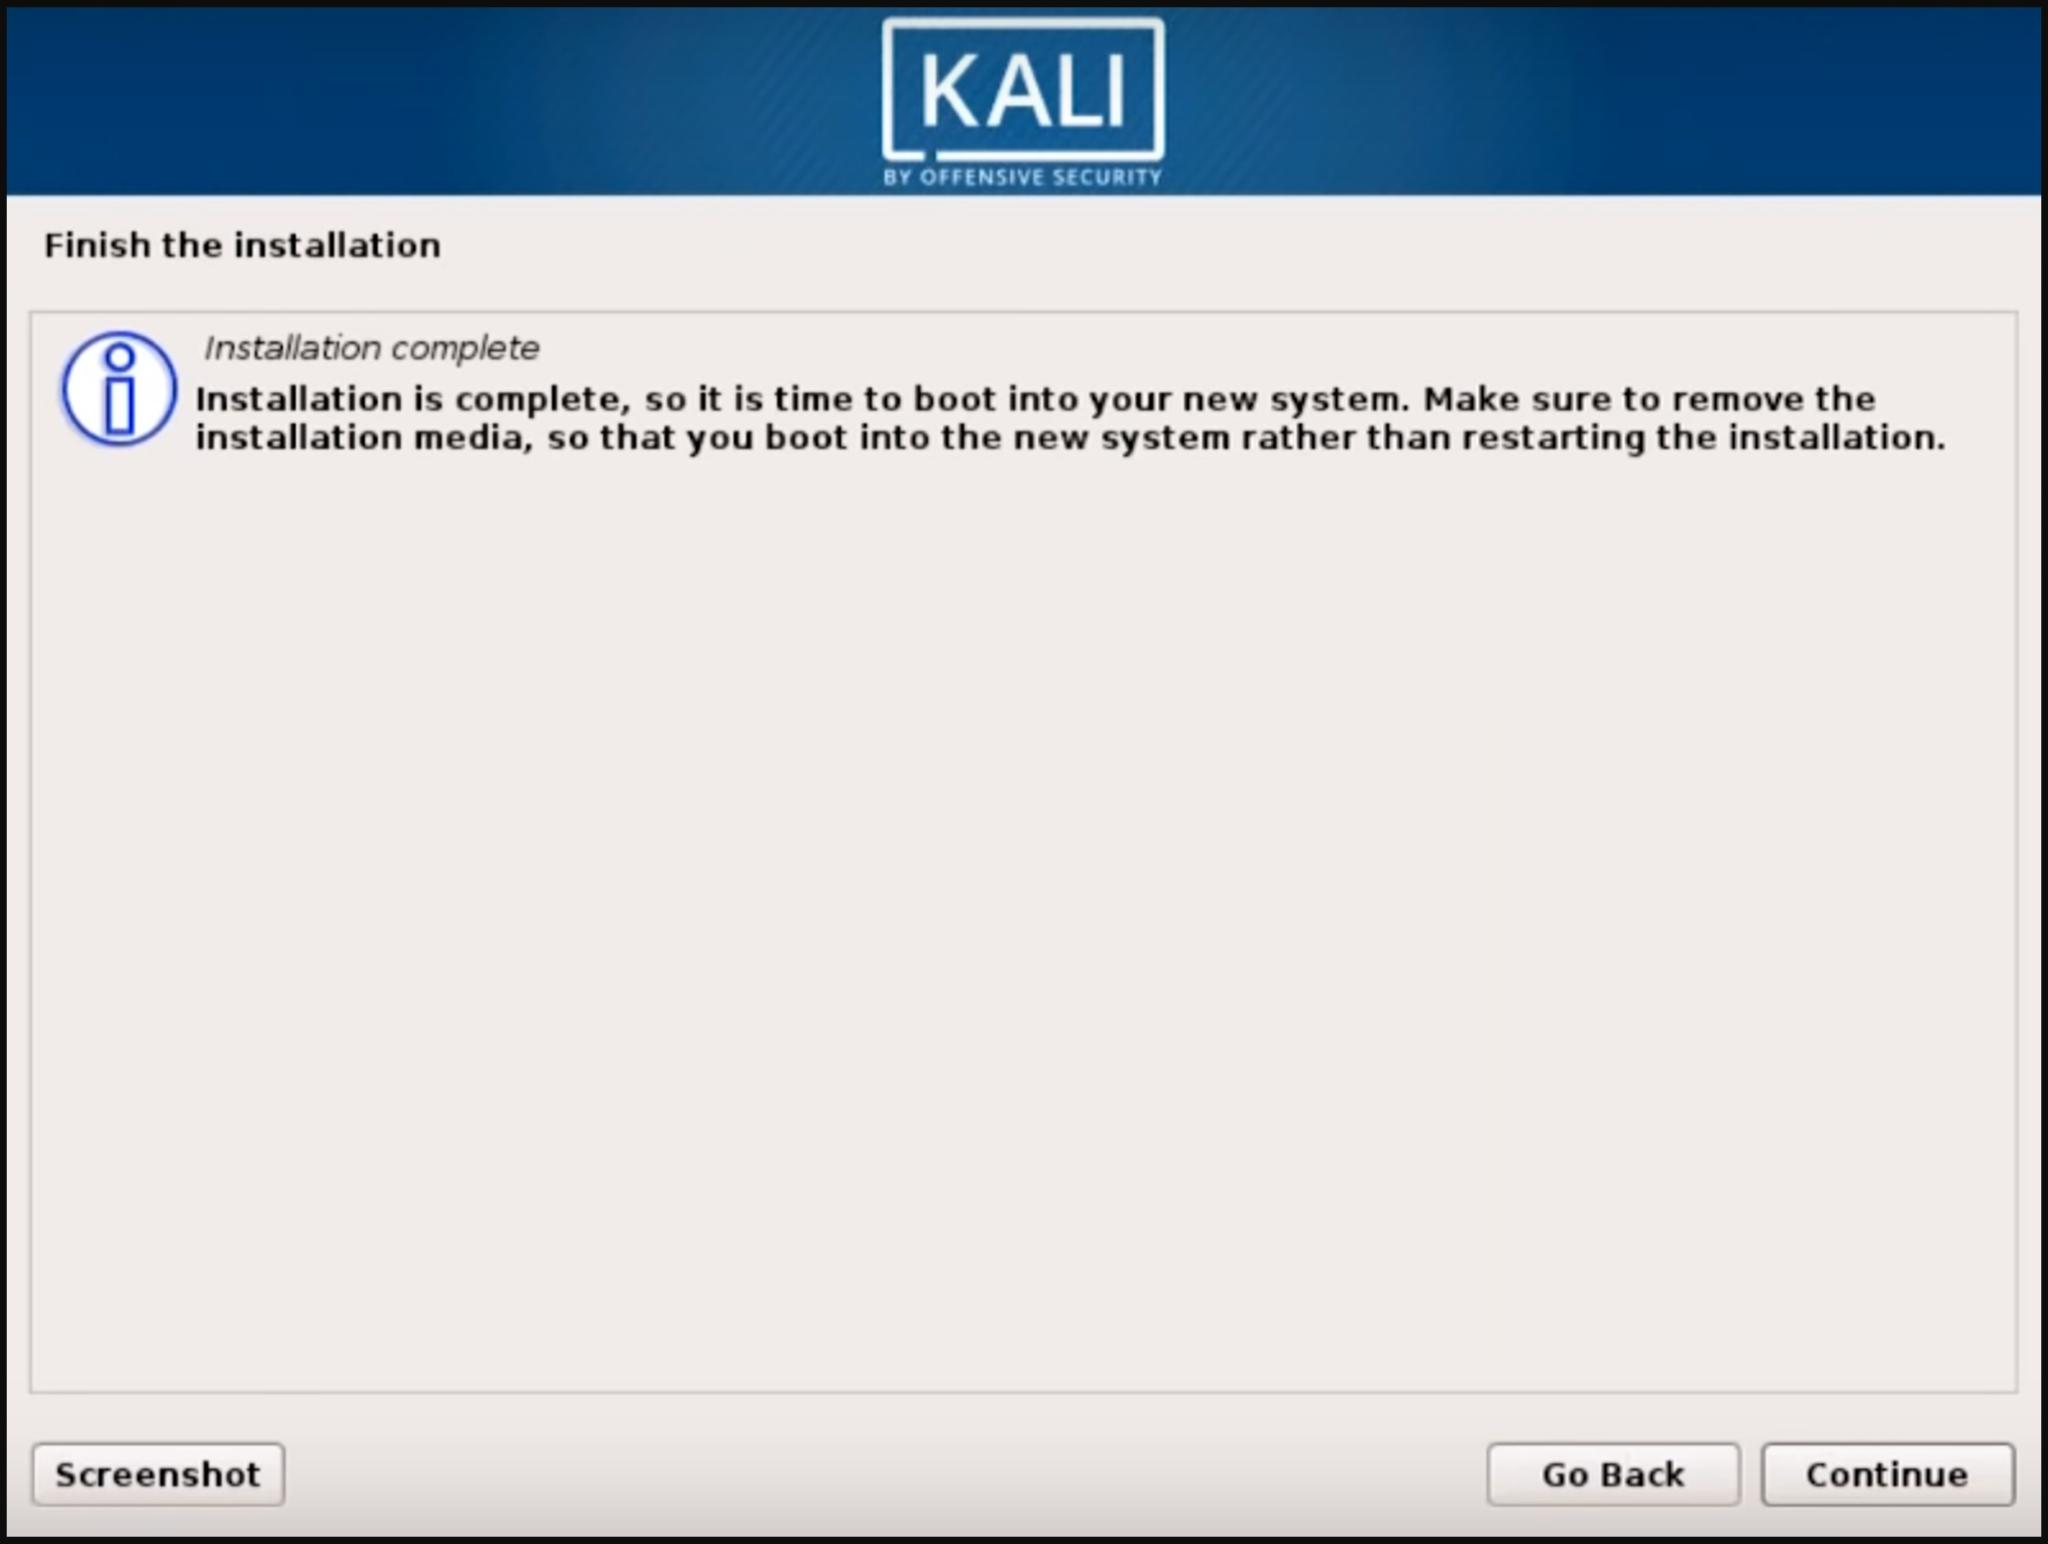 Kali Linux nedir, nasıl kurulur ve bilgisayara yüklenir, Virtualbox ve VMware gibi sanal makinelere kurulumu nasıl yapabilirsiniz, rehberimizde açıkladık.